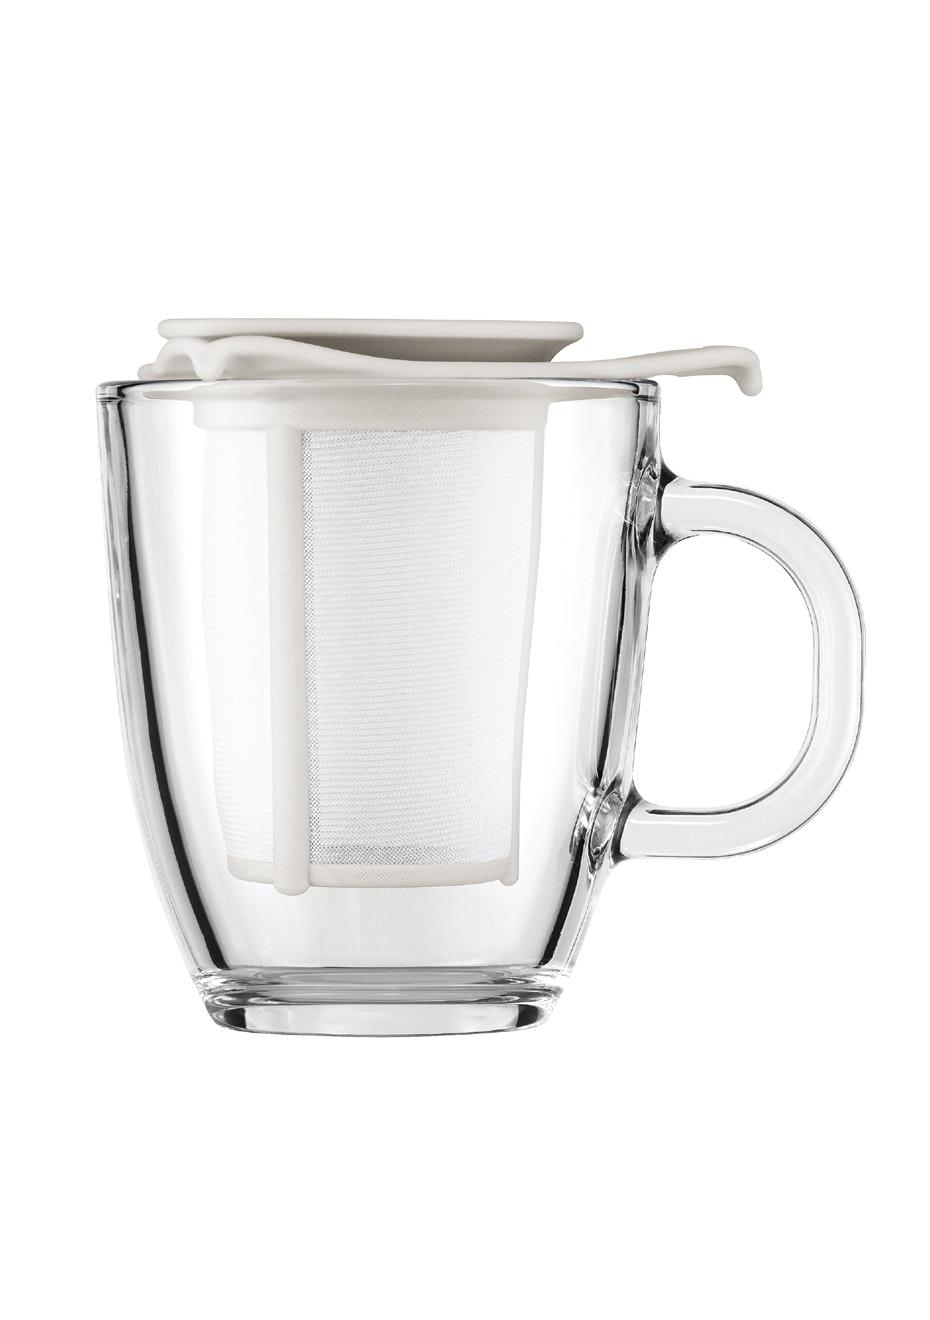 Bodum - Mug And Tea Strainer, 0.35L - Off White